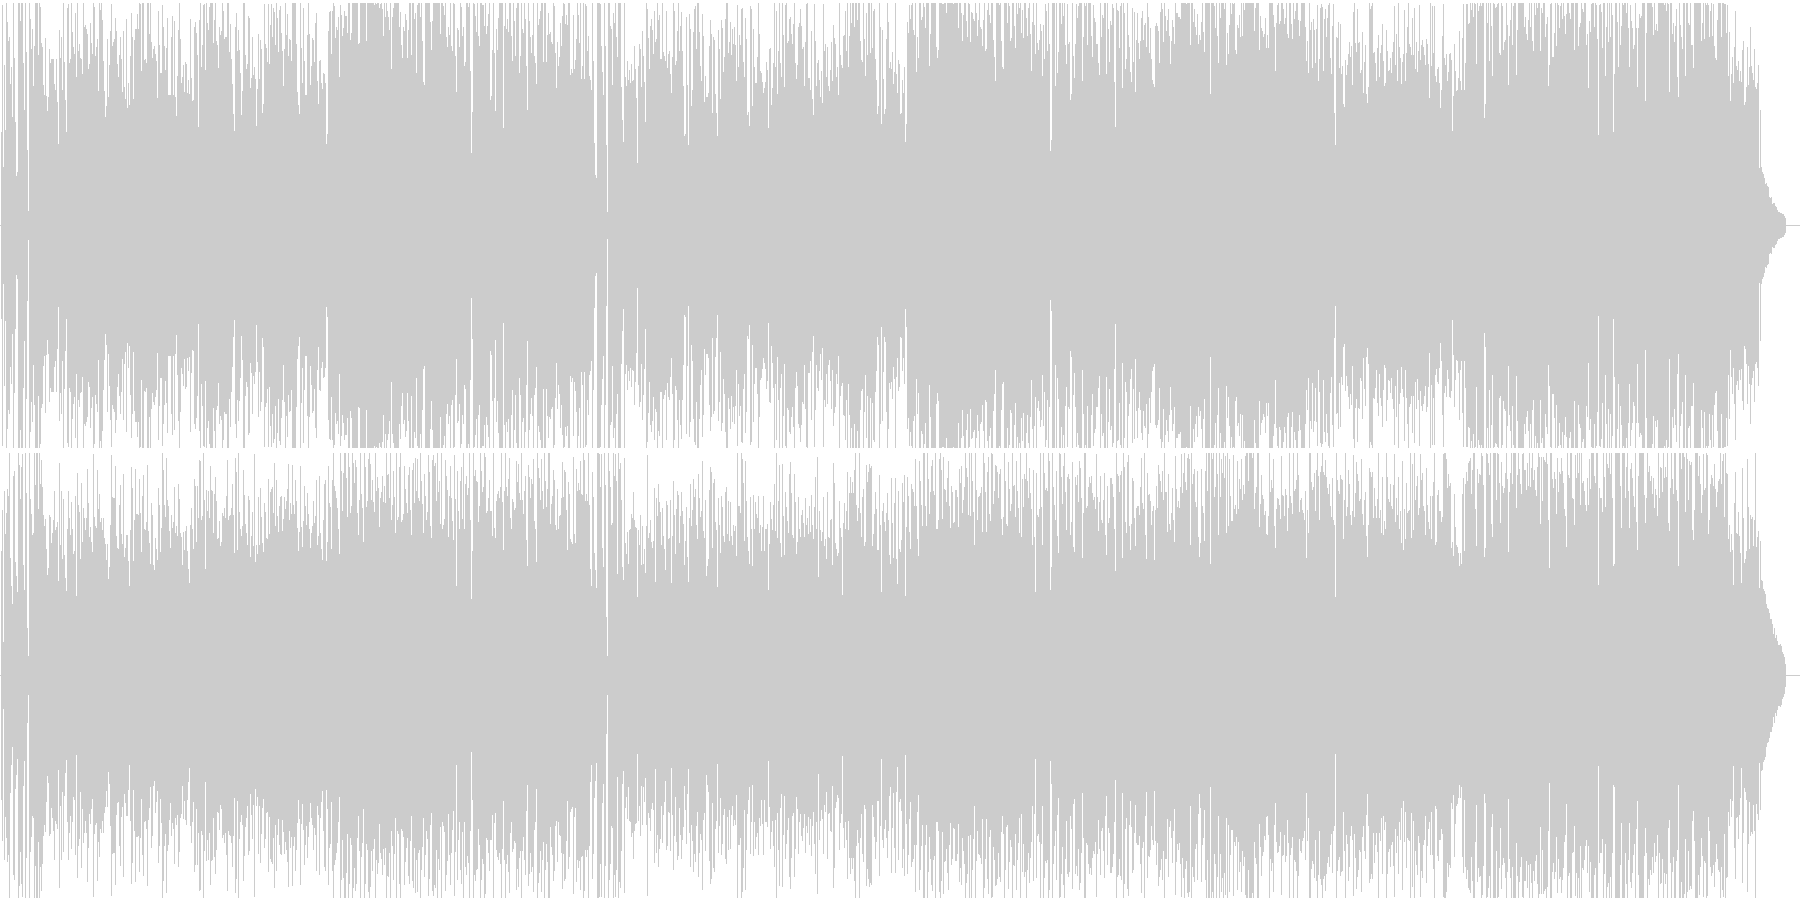 明るいシンセサウンドのポップスの未再生の波形